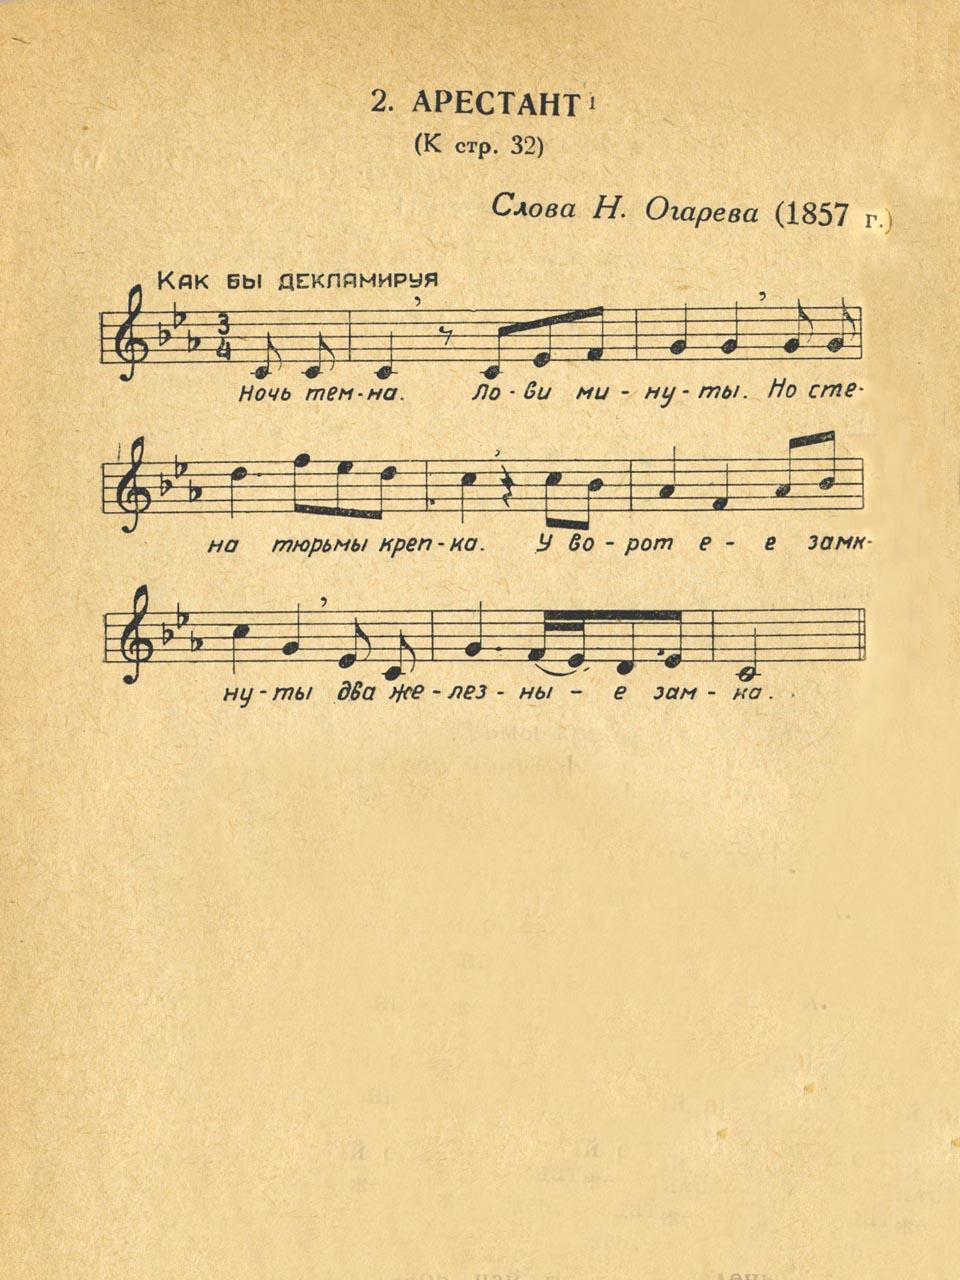 Песня «Арестант». Ноты для голоса